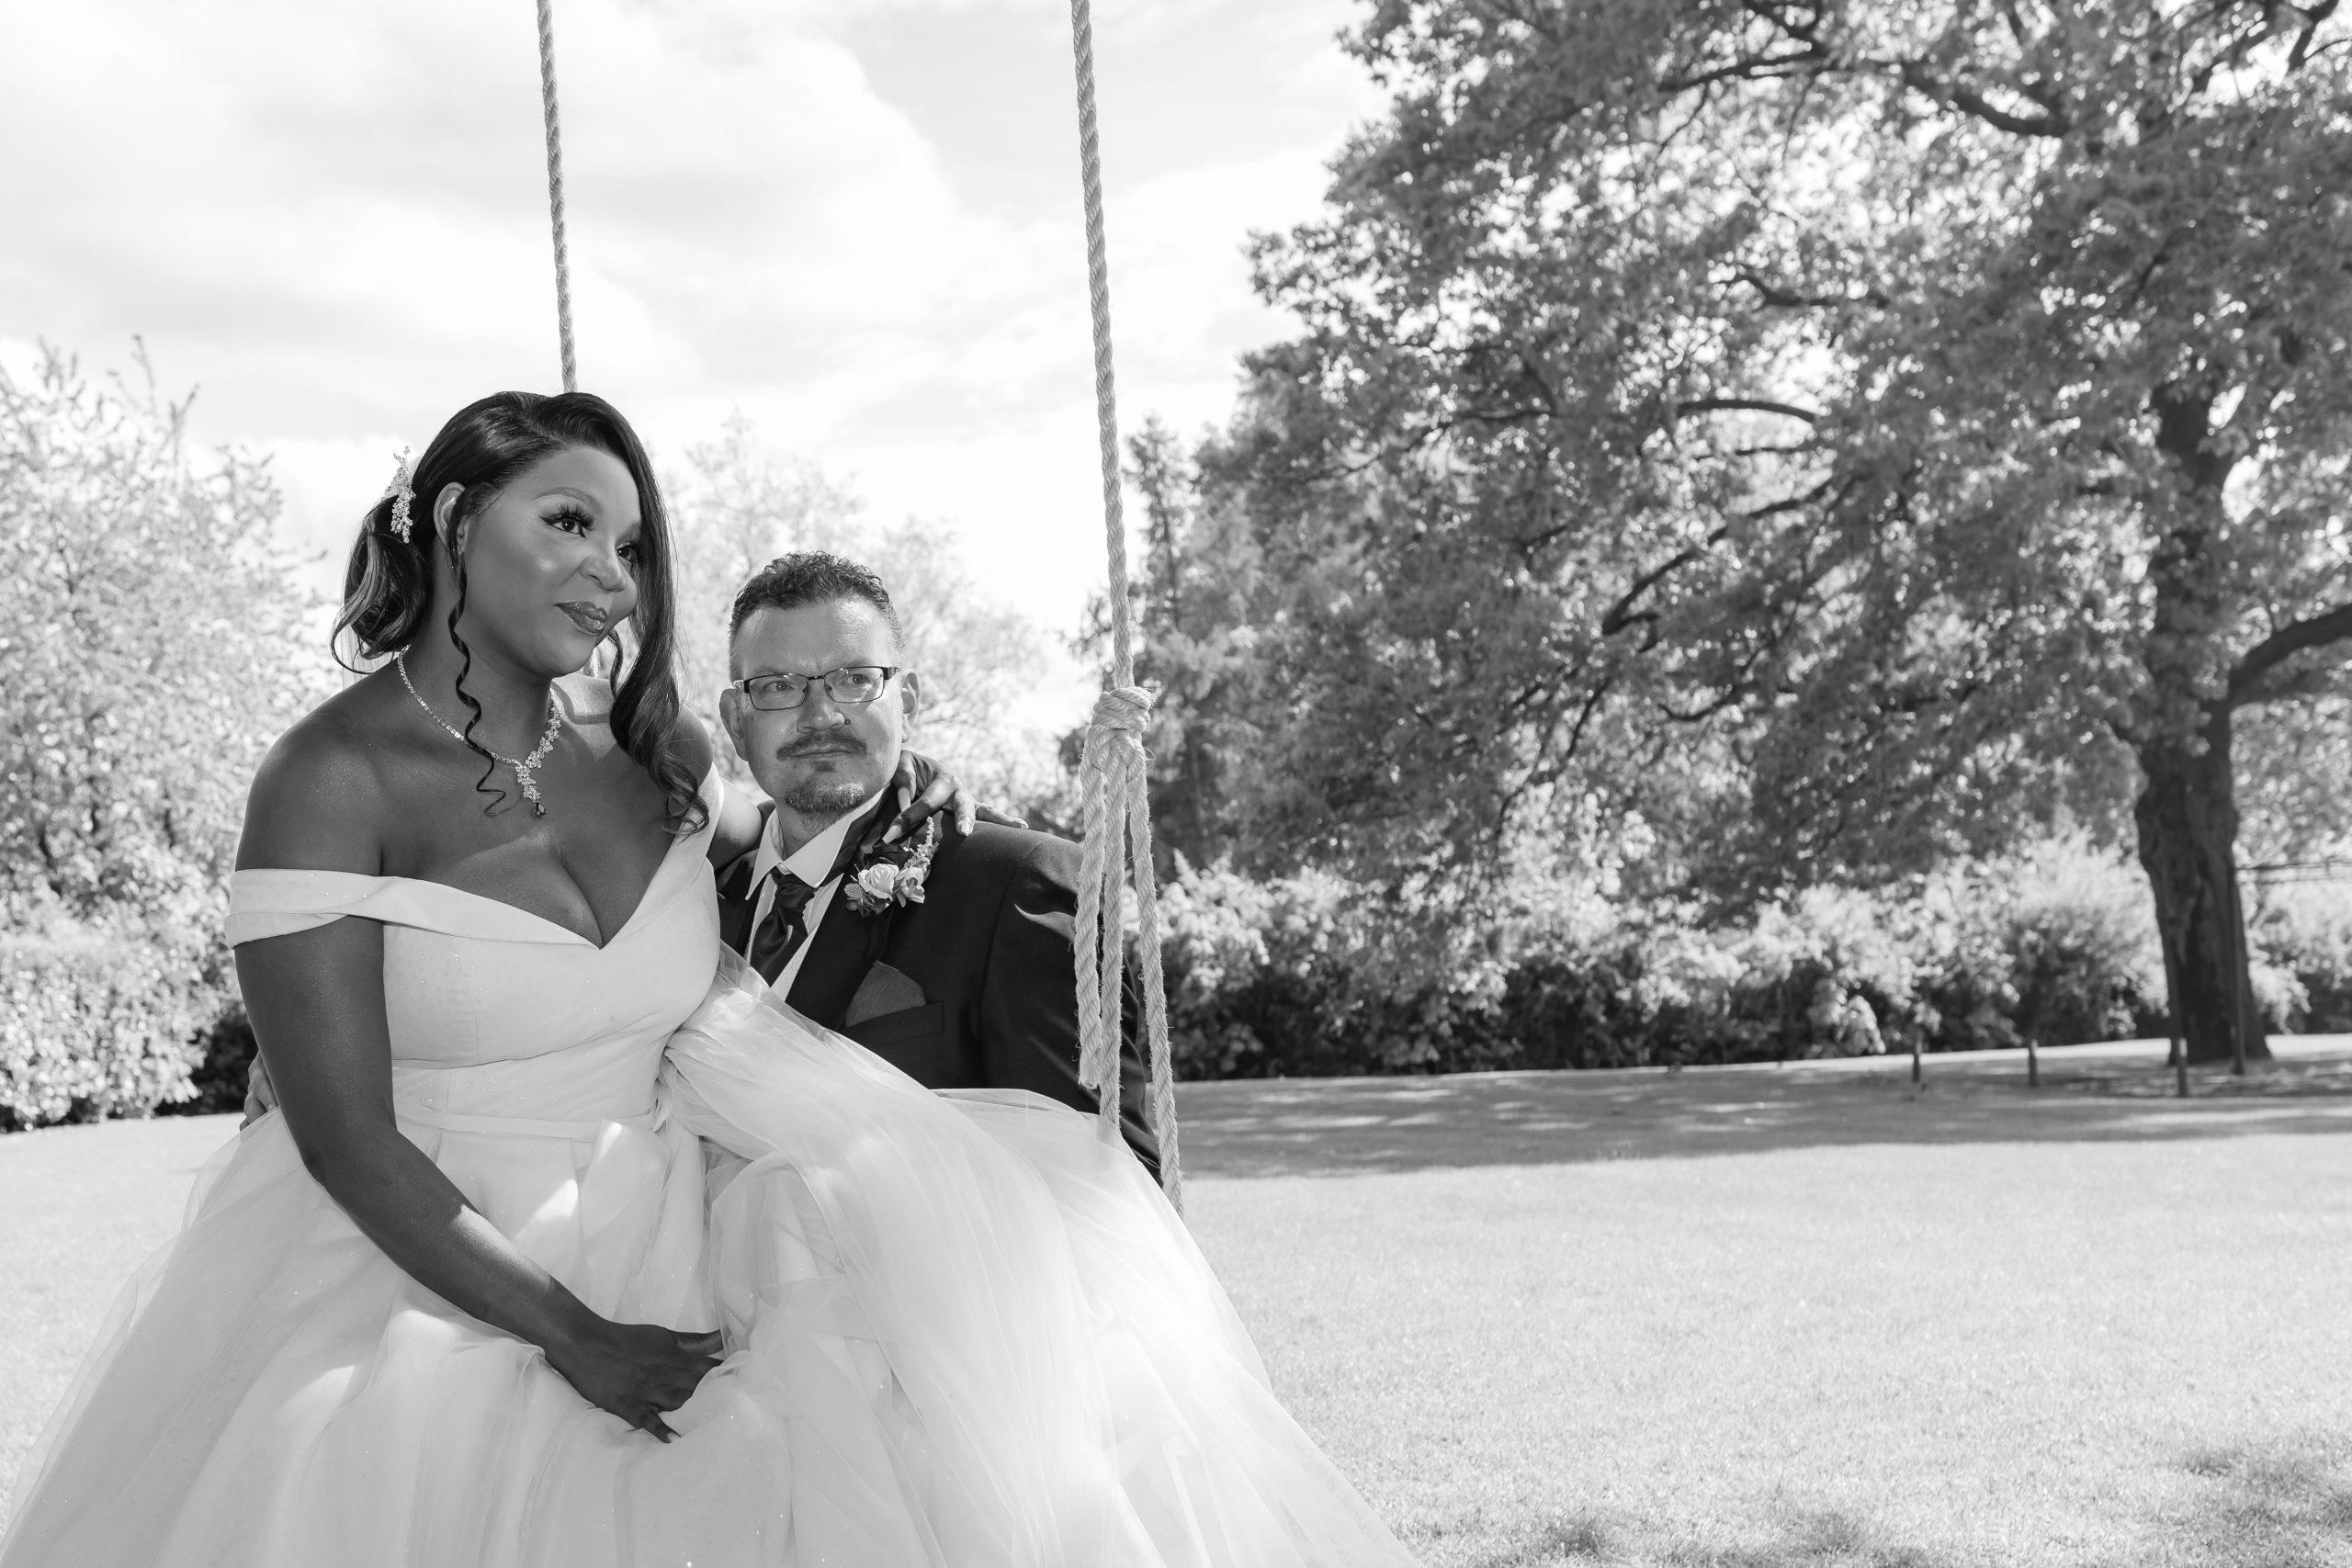 Gamu & Andii Winstanley Hall 2021 Emma Lowe Wedding Photography